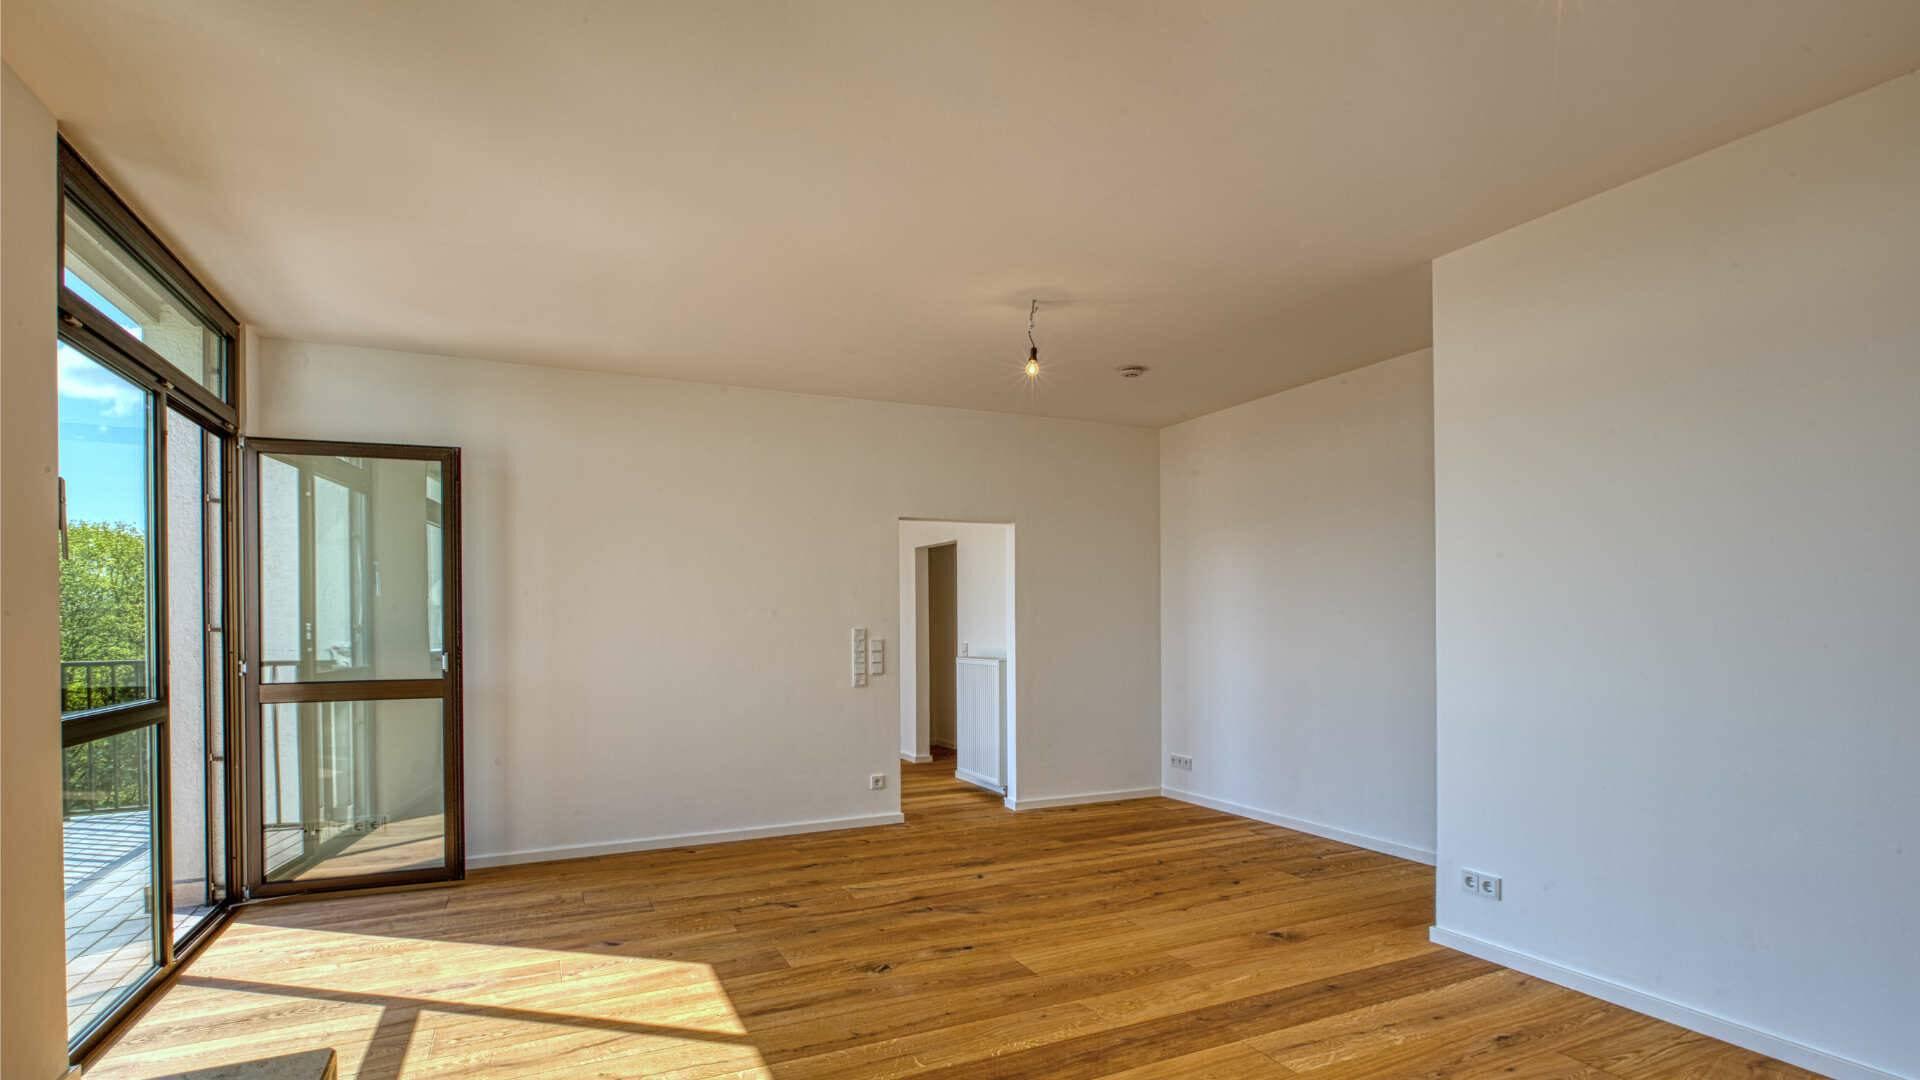 Sendling Wohnung Wohnzimmer